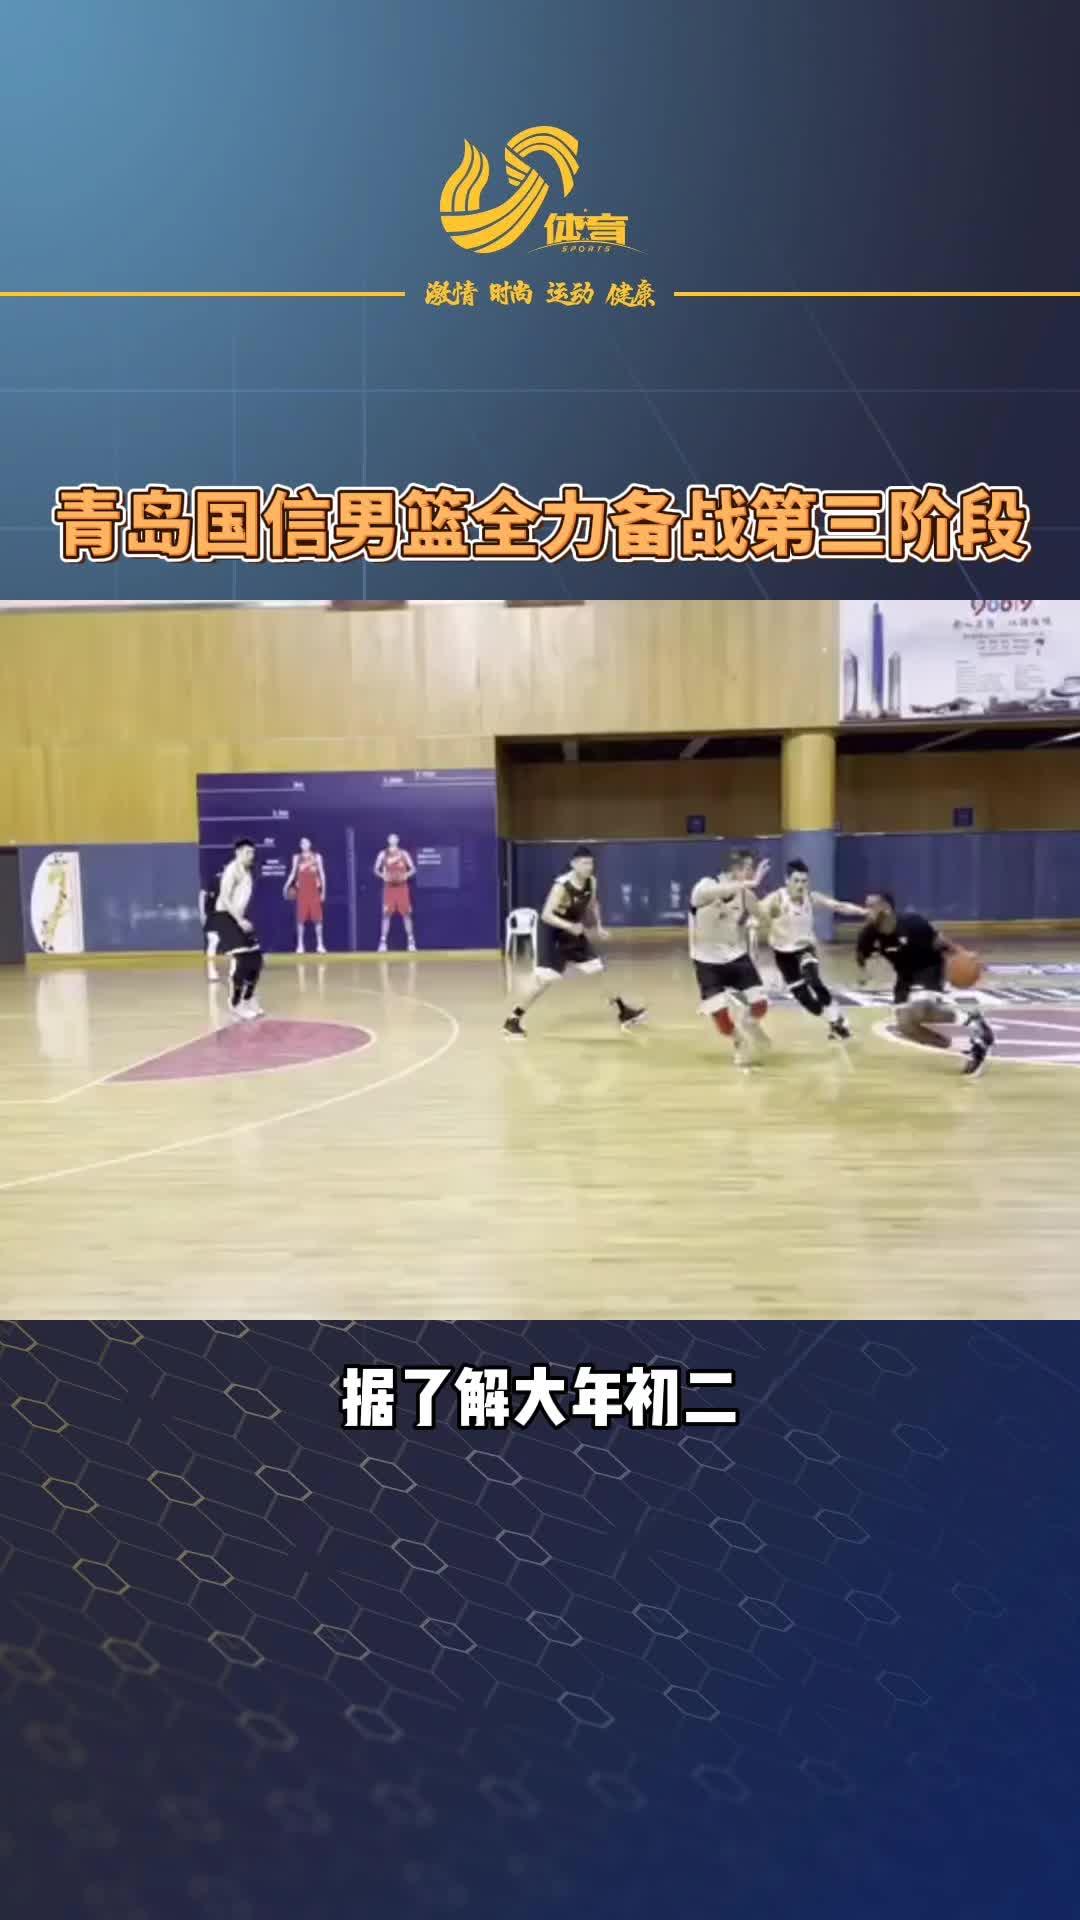 视频丨双外援归队!青岛国信男篮全力备战第三阶段